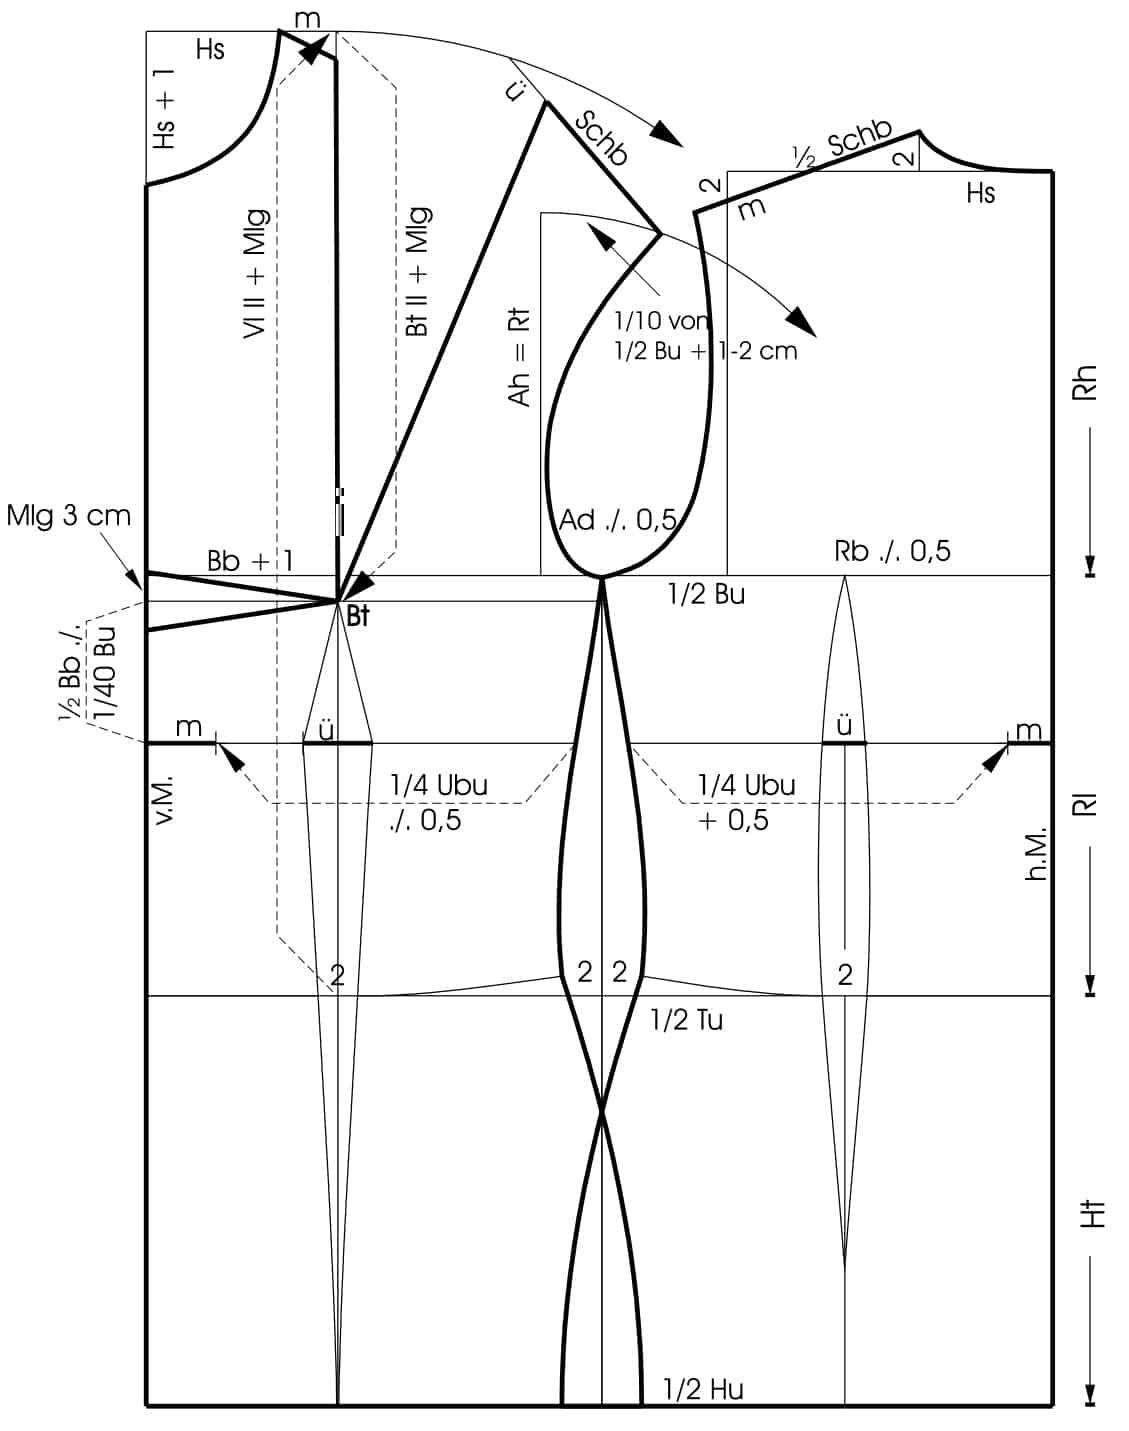 Die Abbildung zeigt die Schnittkonstruktion von dem Grundschnitt eines Mieders.